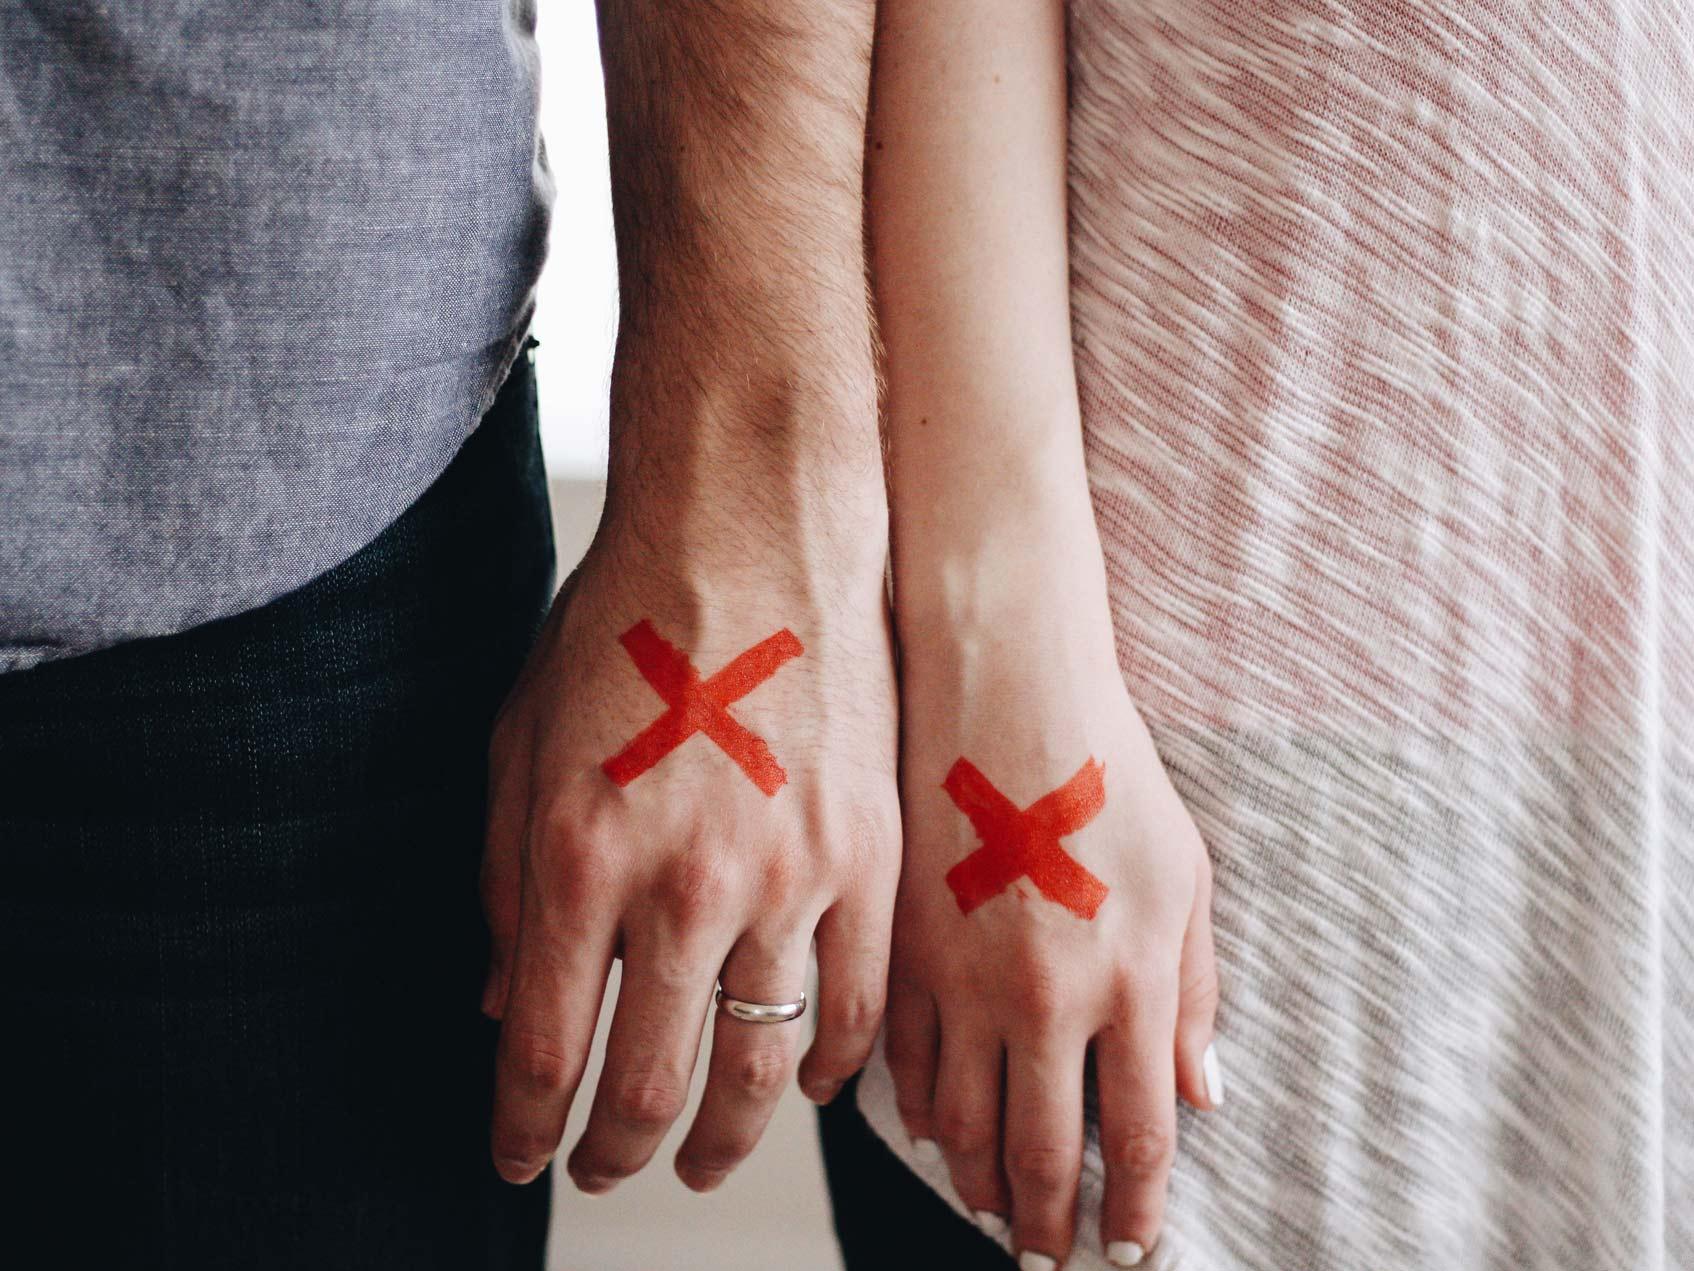 руки с красной пометкой